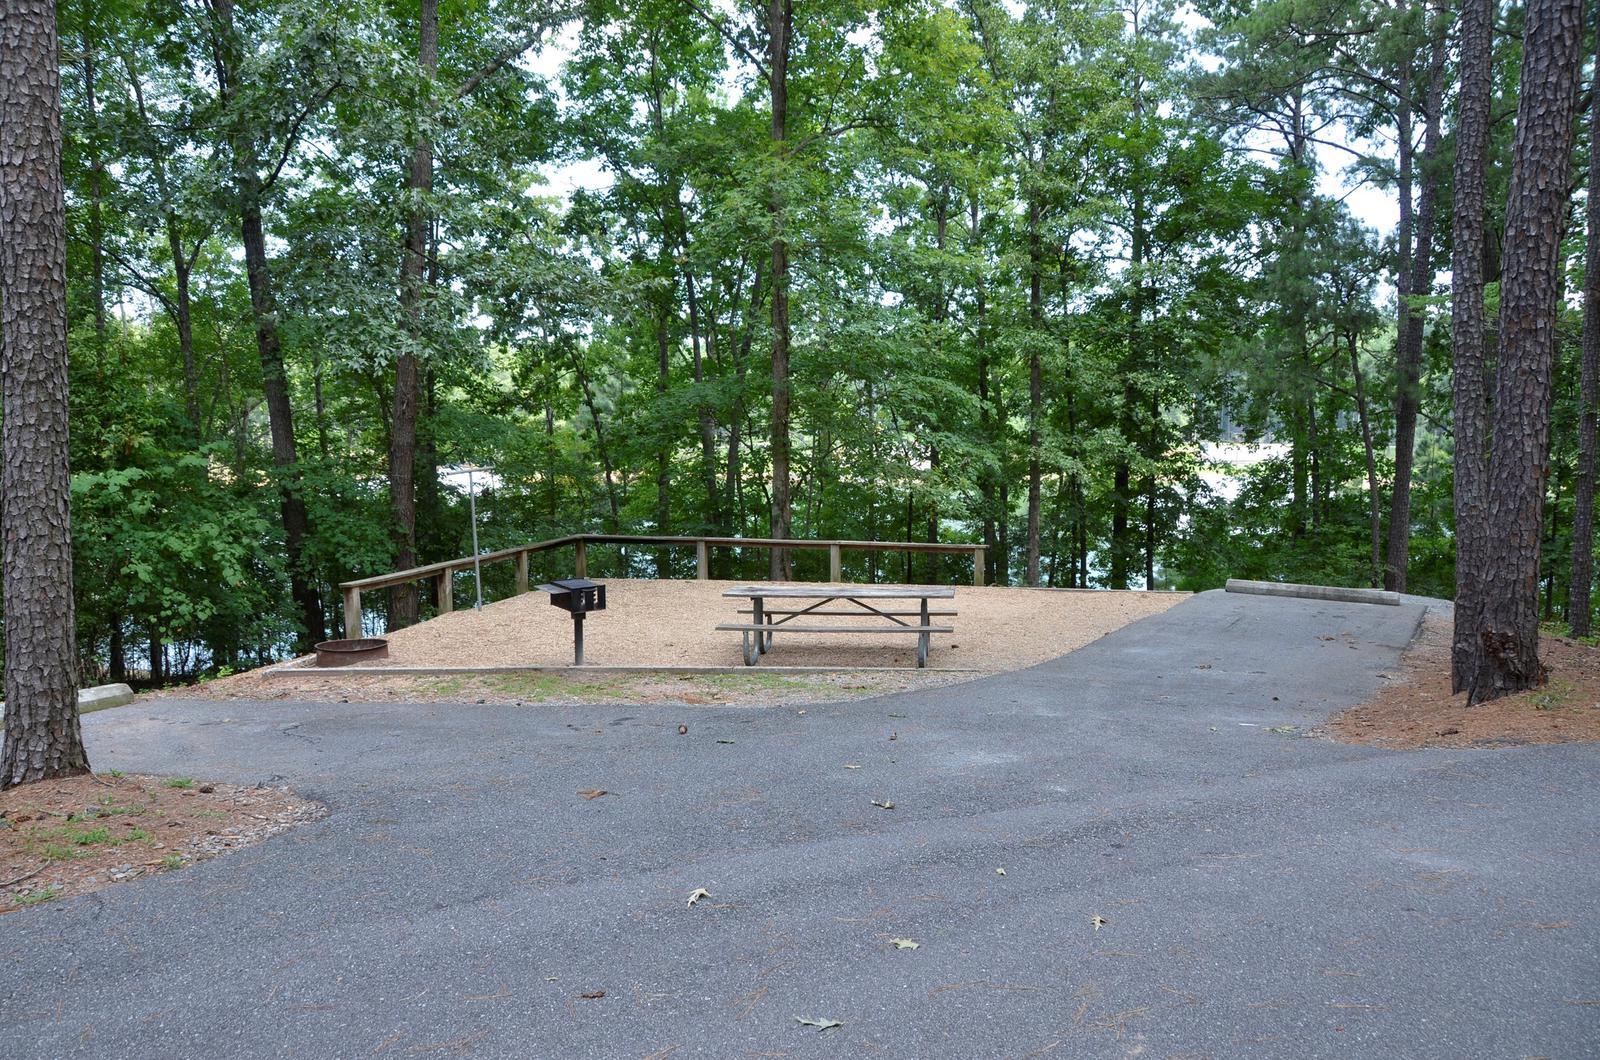 McKinney Campground Site 22